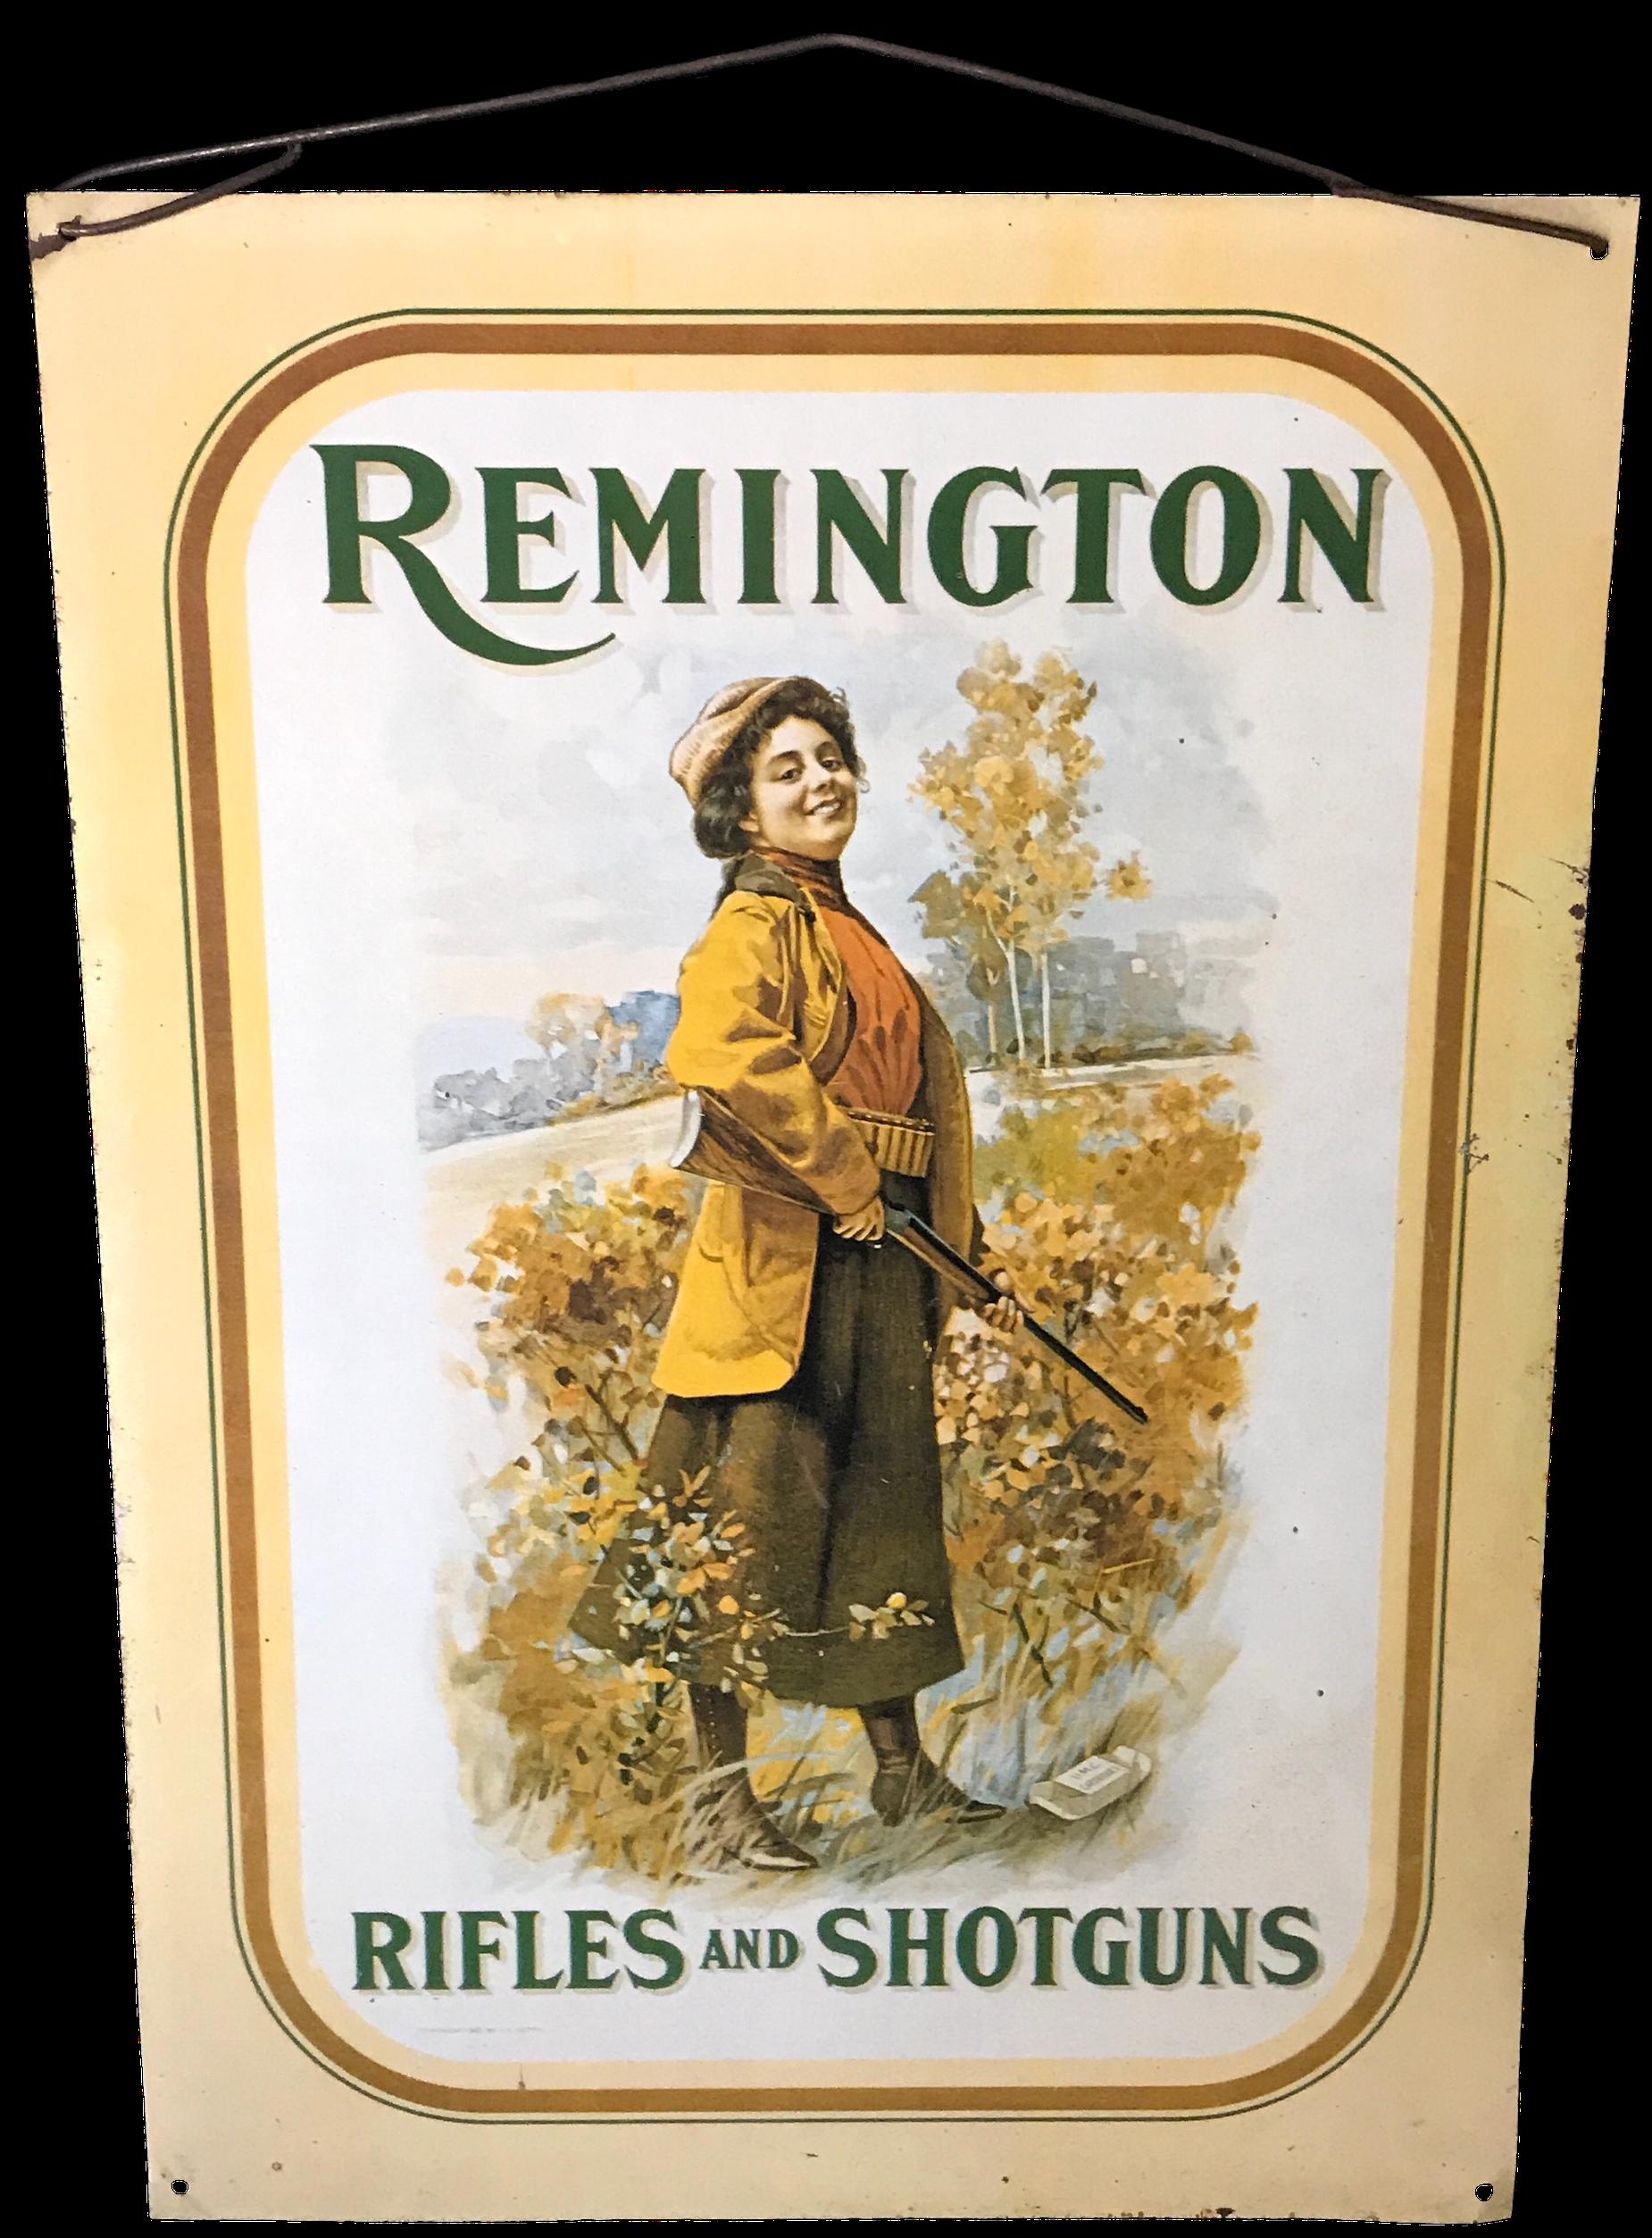 Vintage Remington Sign | Remington Gun Collectibles | Vintage Signs